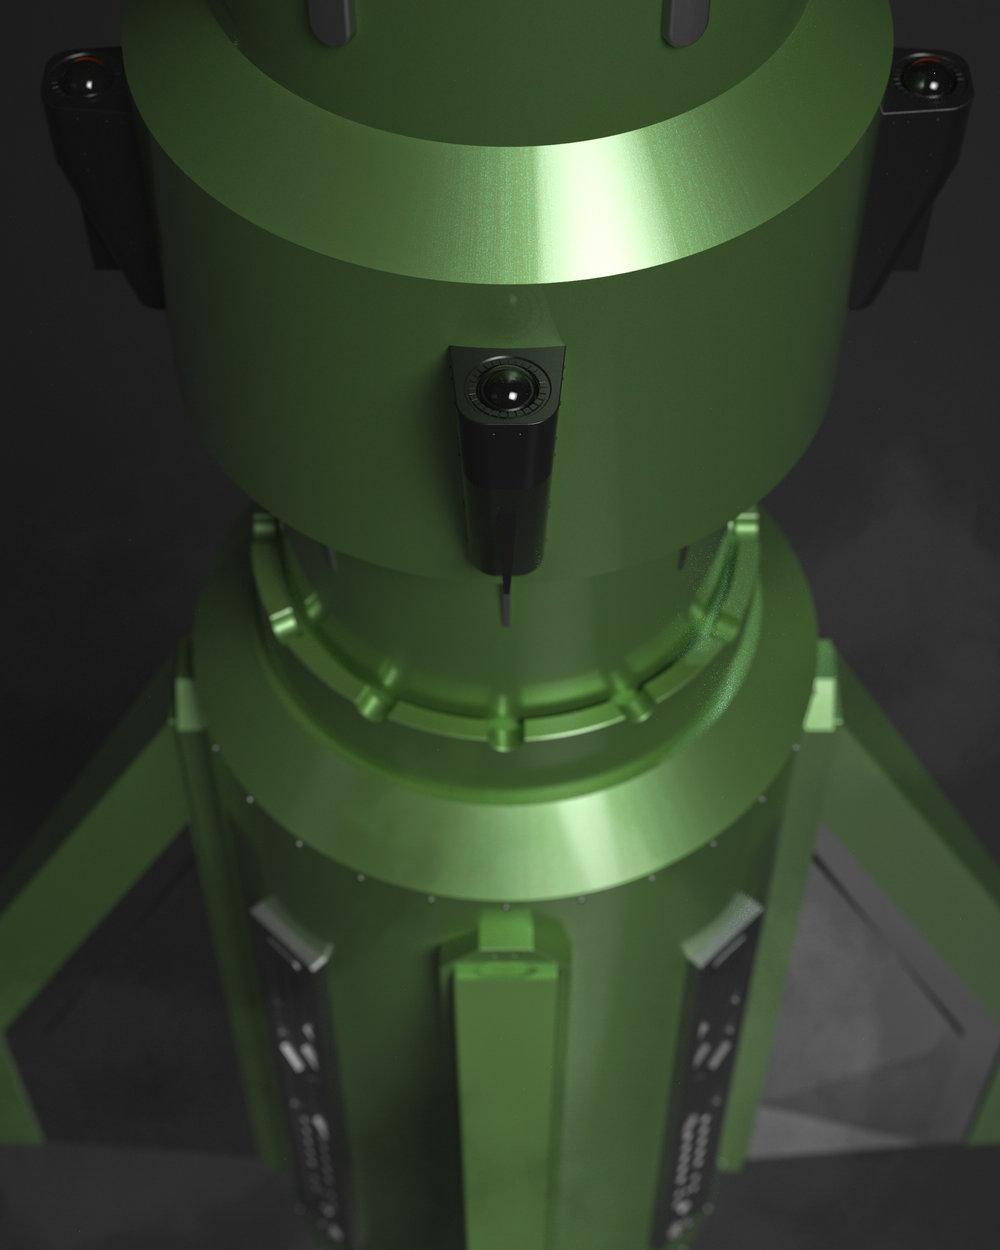 [28-01-18] - The Nuclear Hello 03.jpg